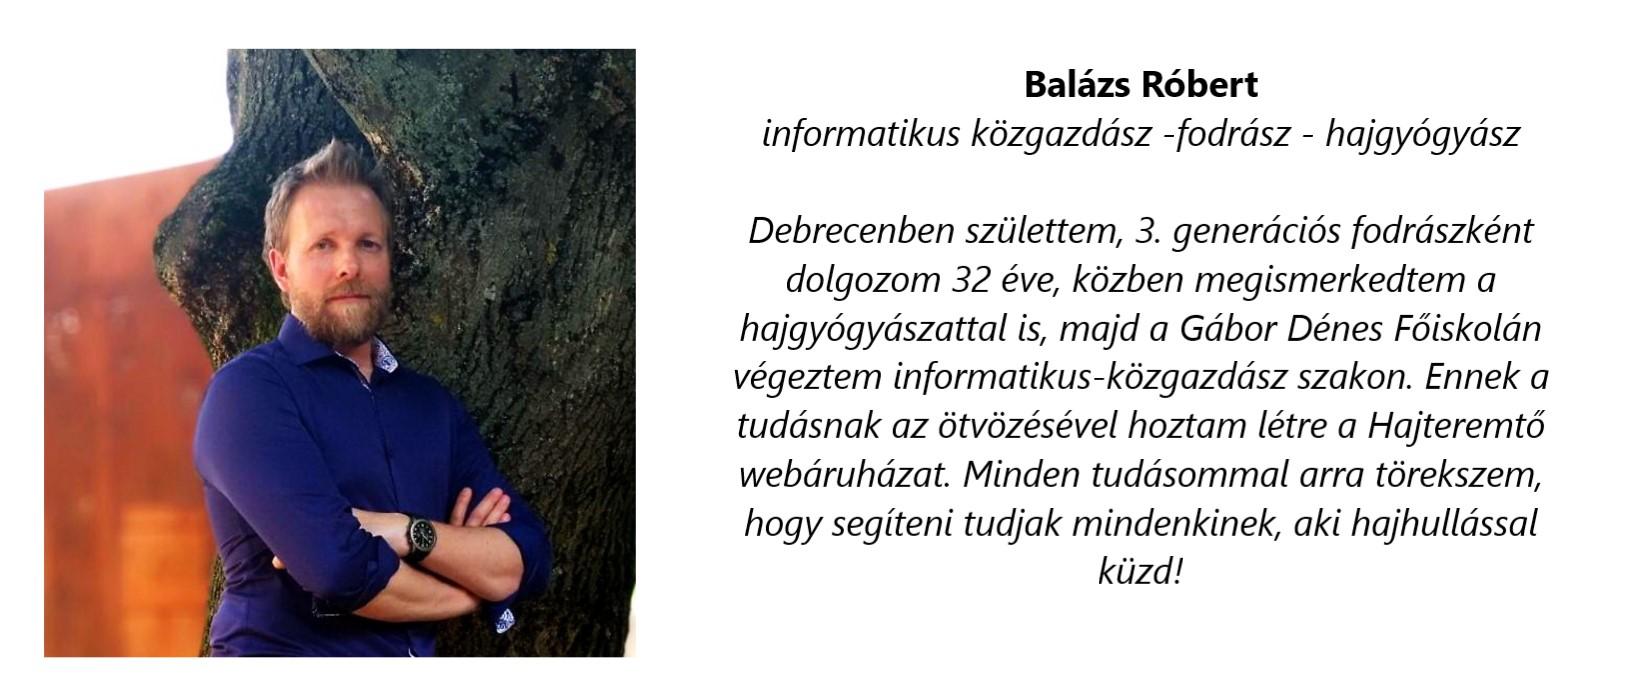 Hajteremtő - Balázs Róbert